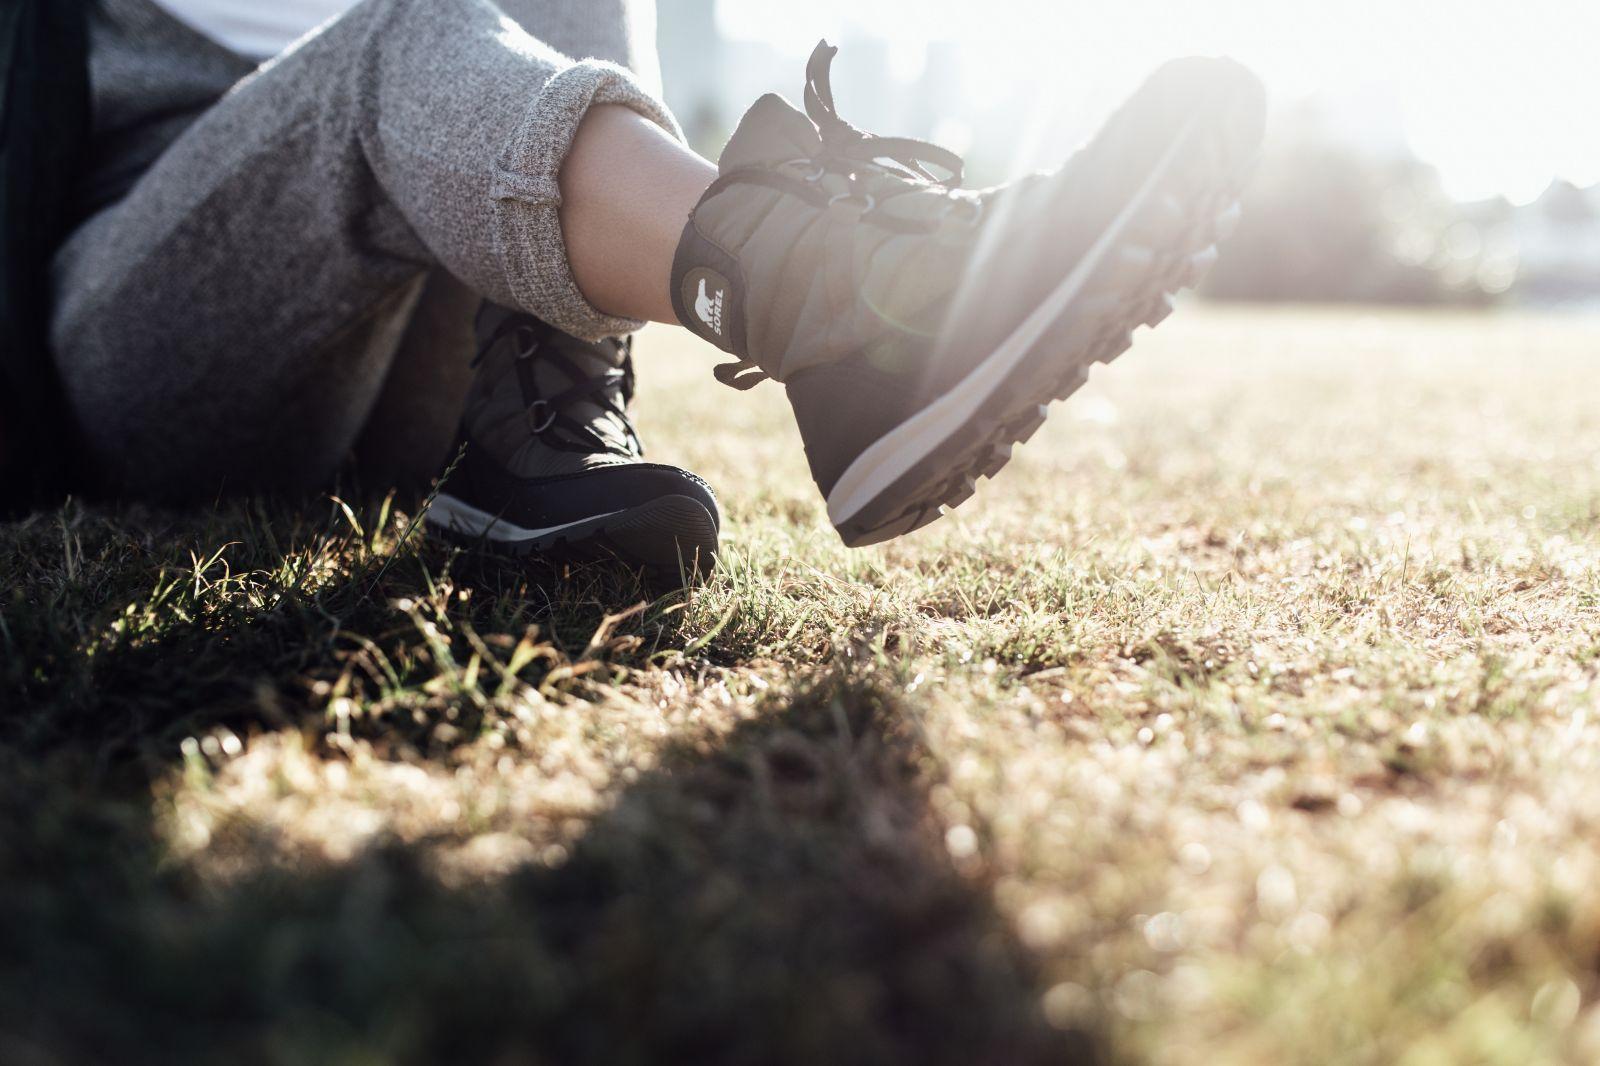 Schuhe kaufen in Engelberg: Grosse Auswahl an Schuhen aller Art